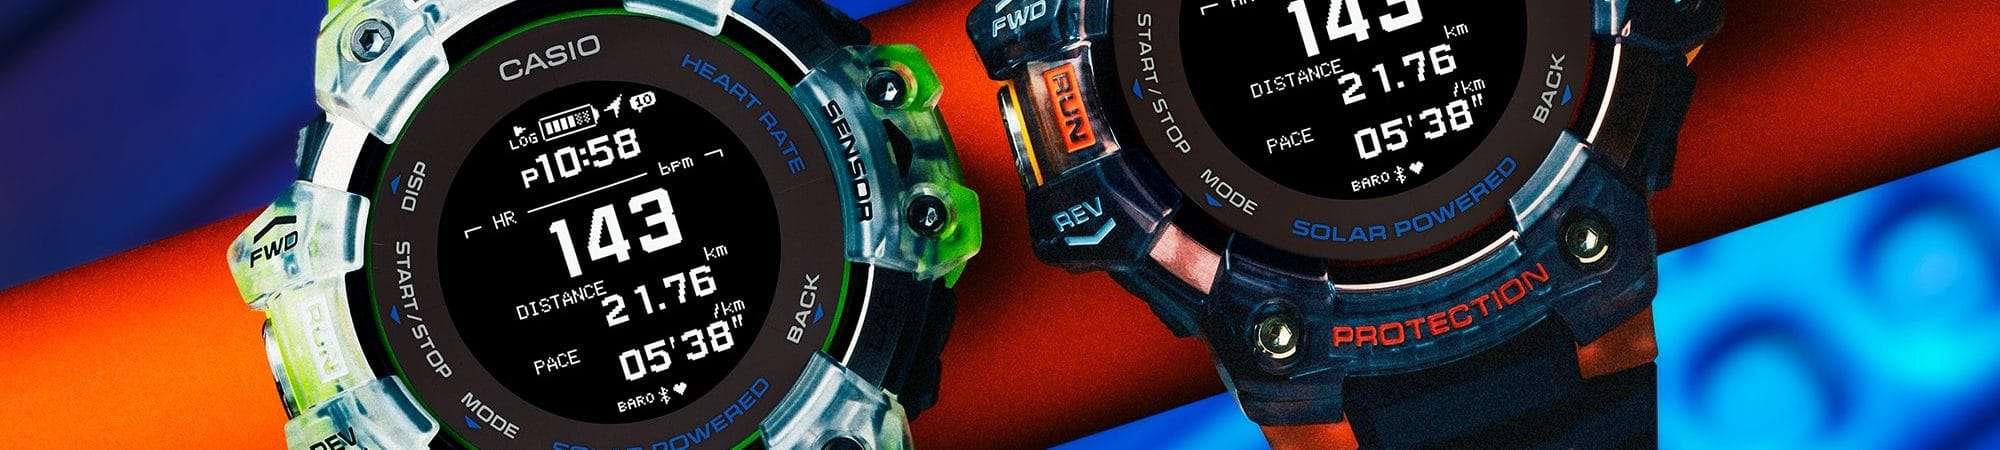 Imagem promocional mostra dois relógios GBD-H1000, da Casio. em um fundo azul neon. Um relógio tem a cor branca com detalhes verdes, enquanto o outro é preto com detalhes laranjas